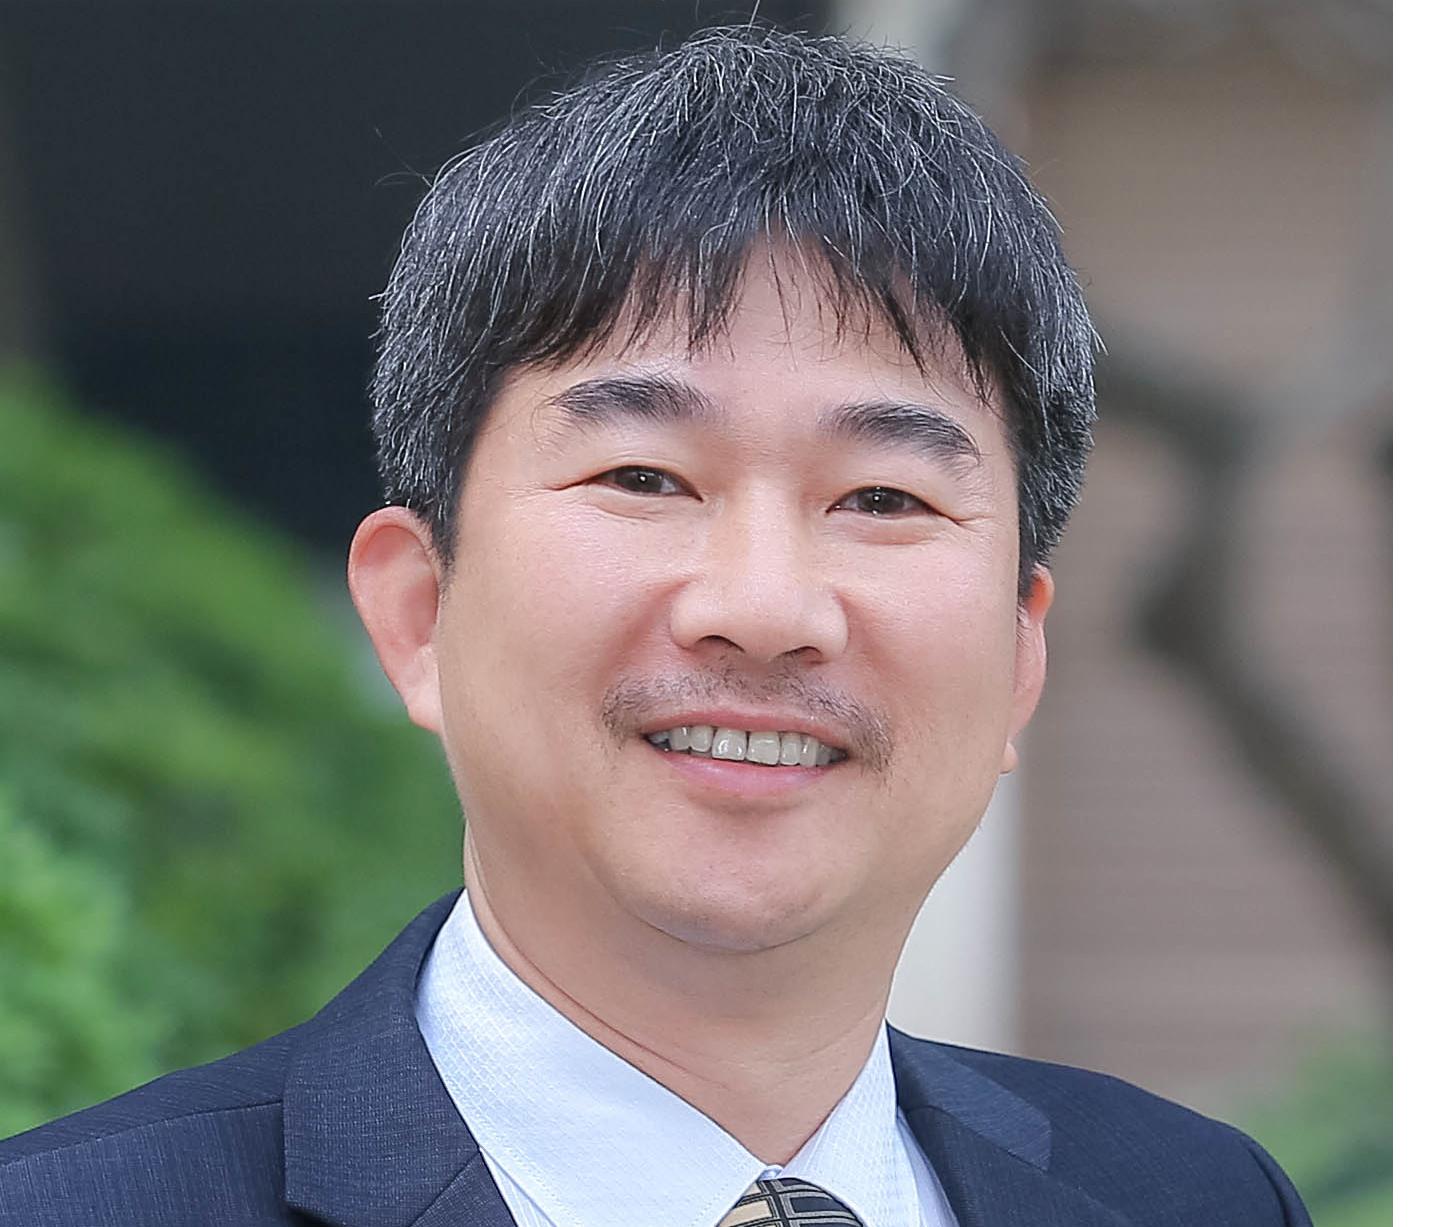 Ông Phan Ngân Sơn, Phó Cục trưởng Cục Sở hữu trí tuệ